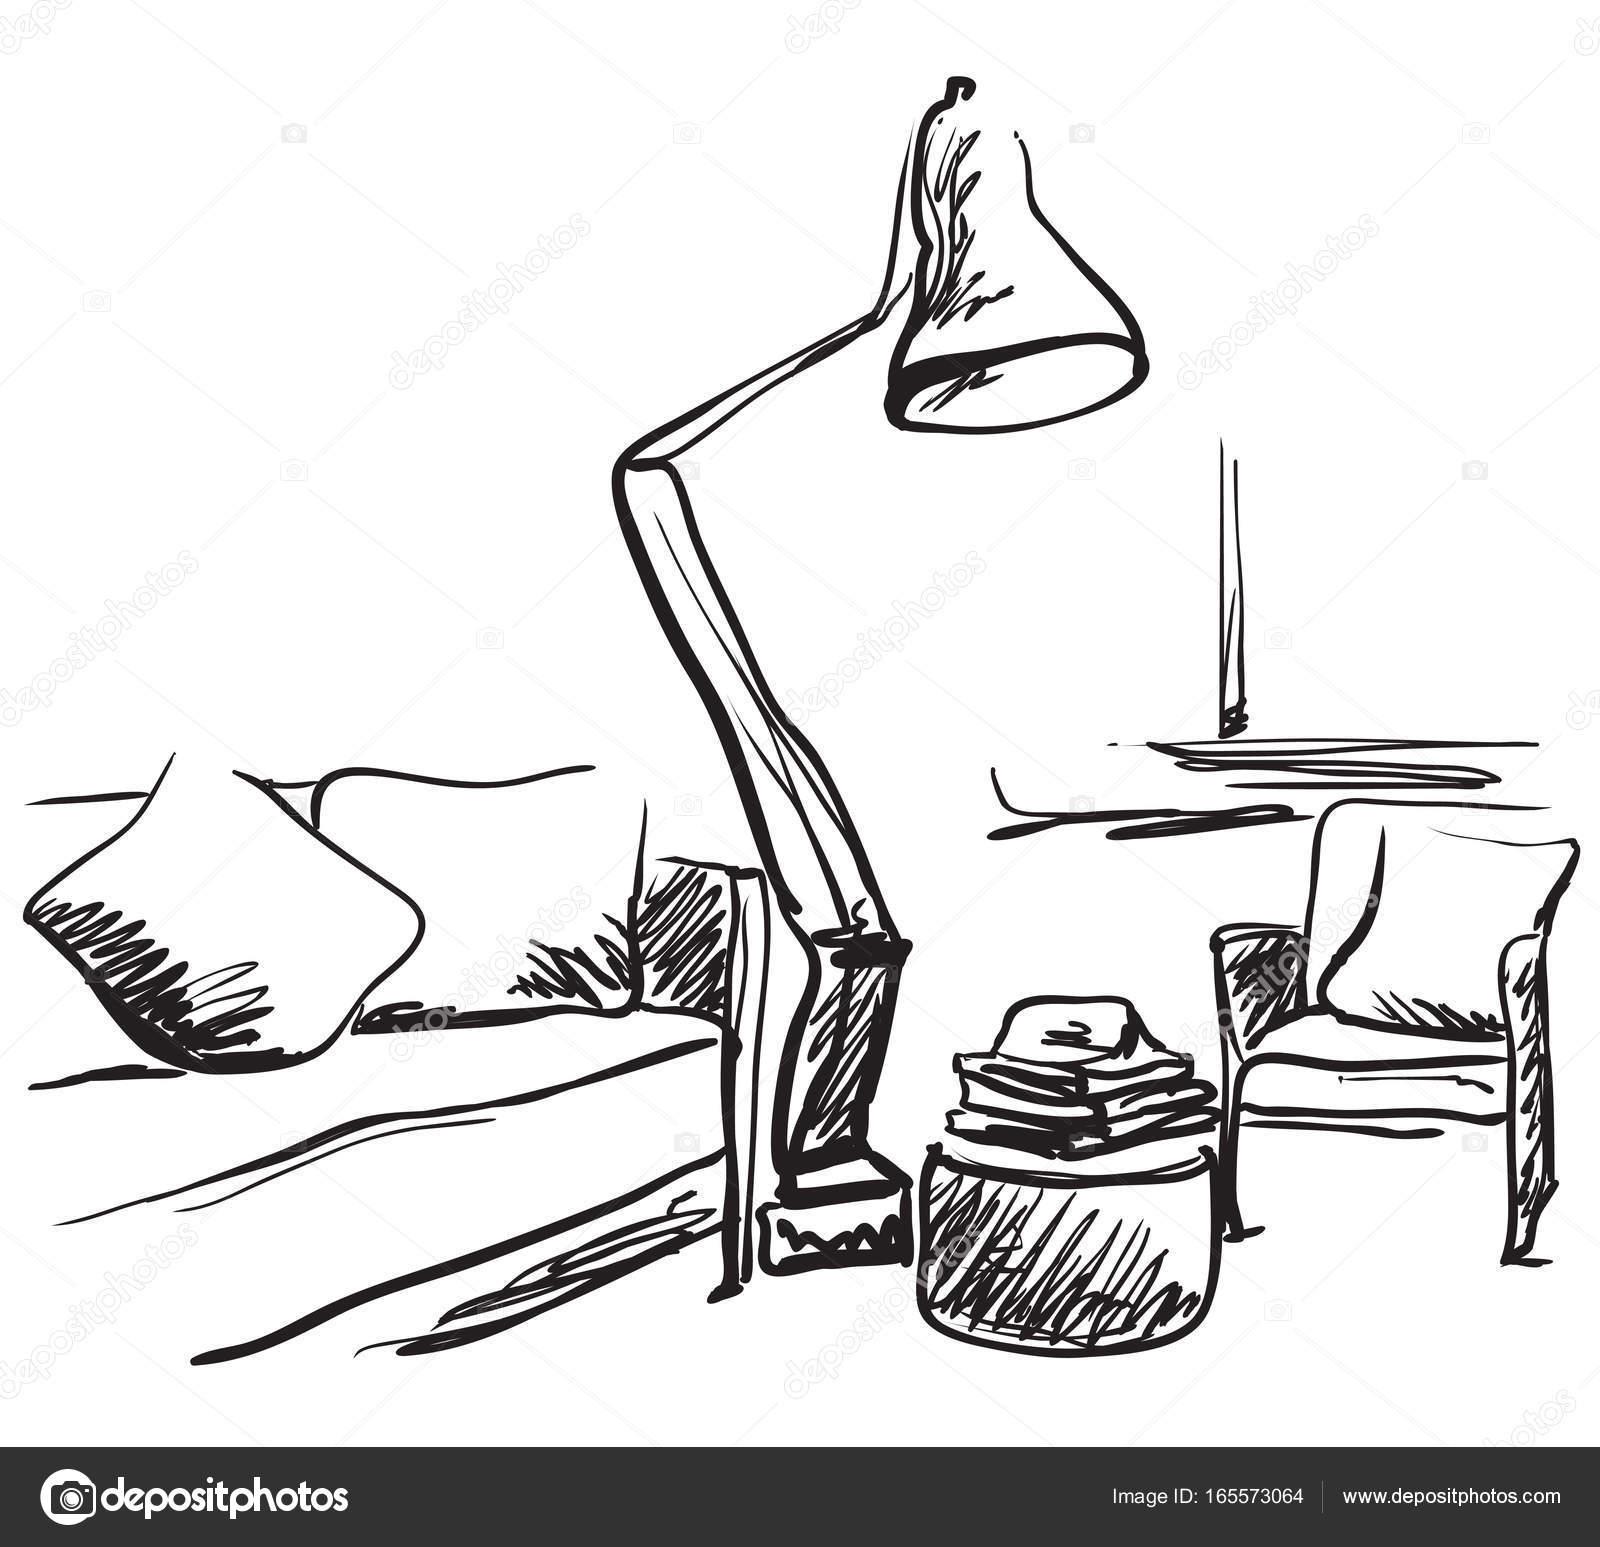 croquis intérieur modern. lampe et canapé dessin main — image